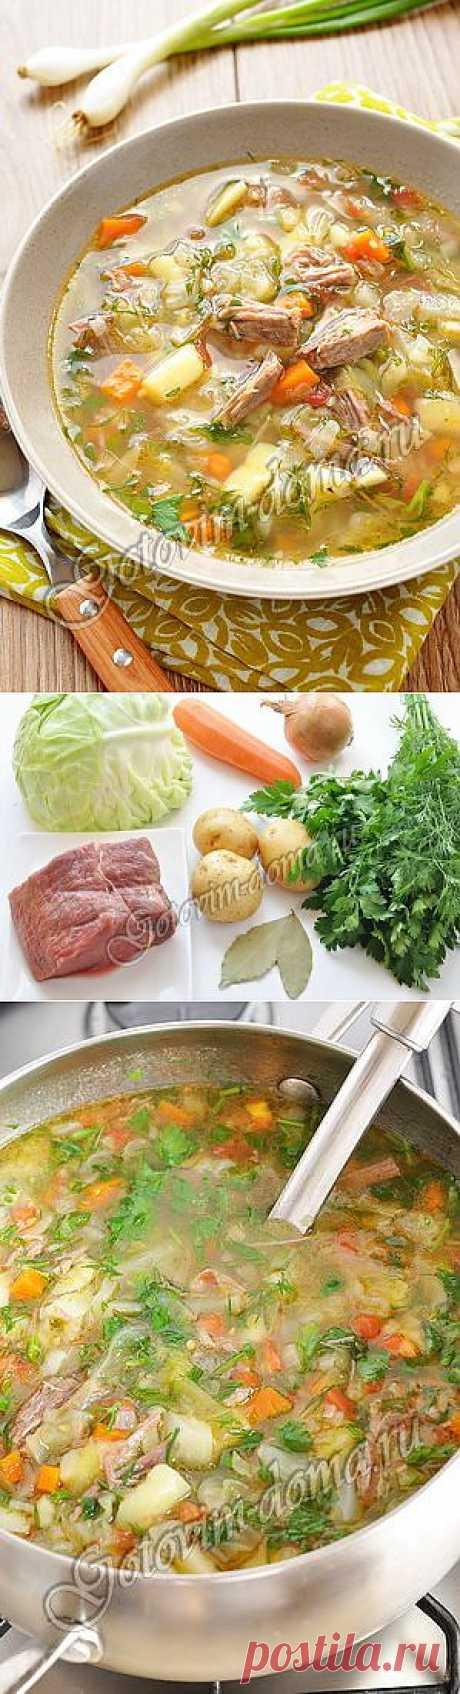 Рецепт: Щи из свежей капусты (летние)